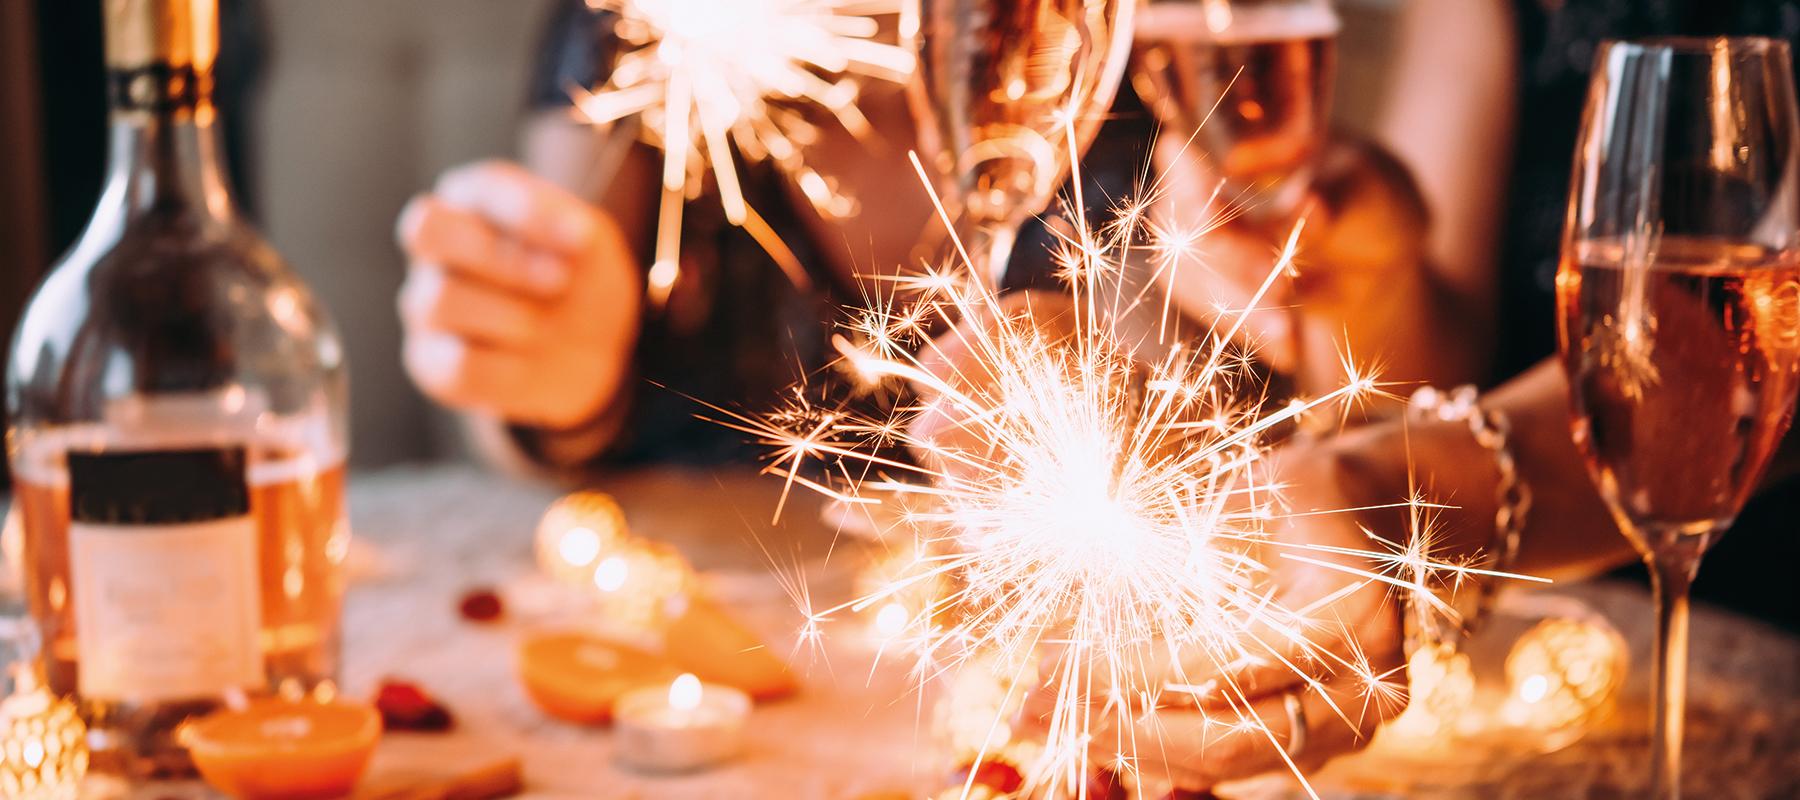 Wijn van de maand december 2020: Zolla, Primitivo Di Manduria